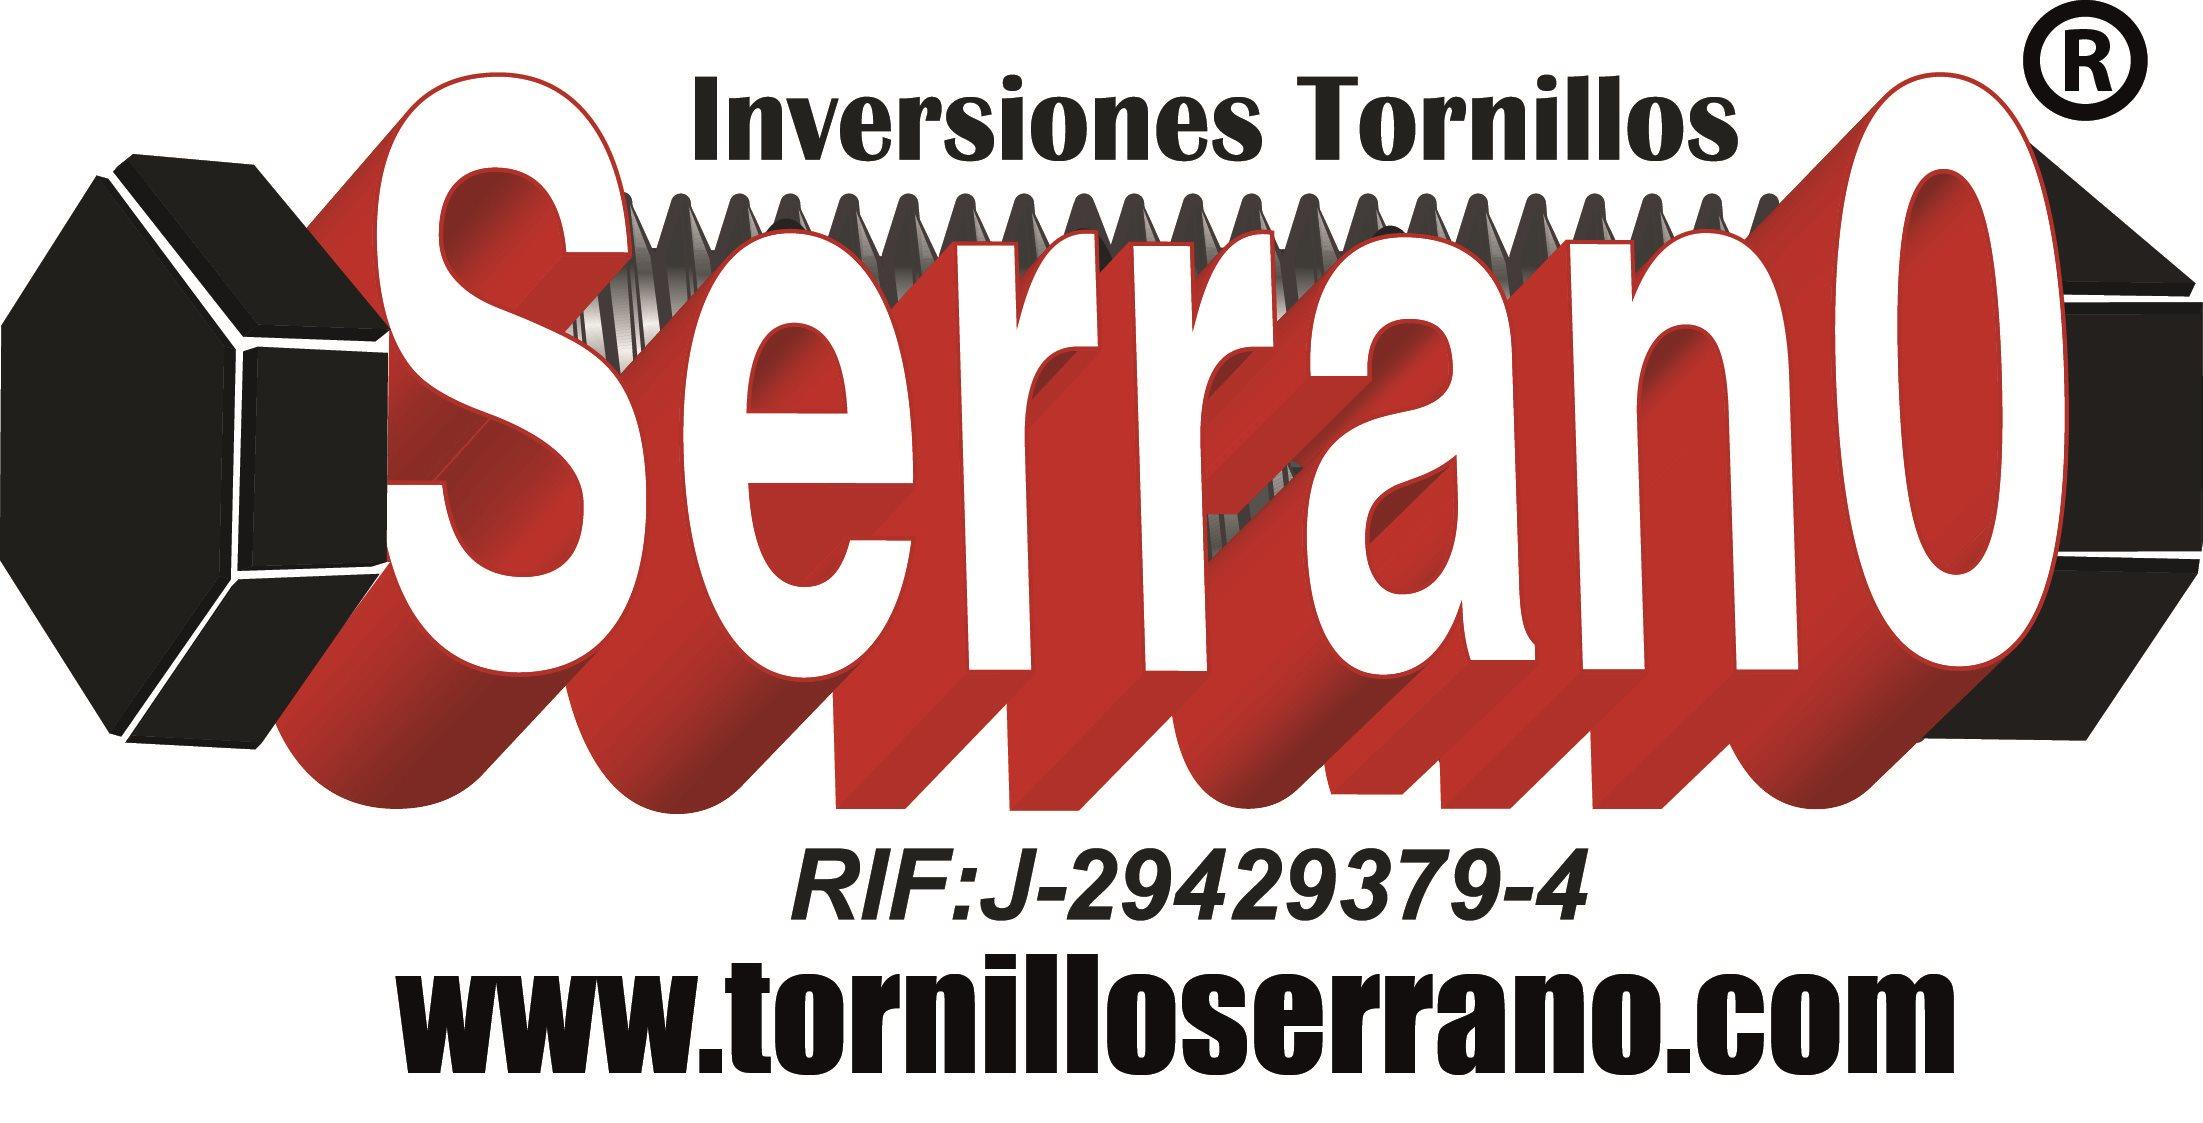 Inversiones Tornillos Serrano c.a